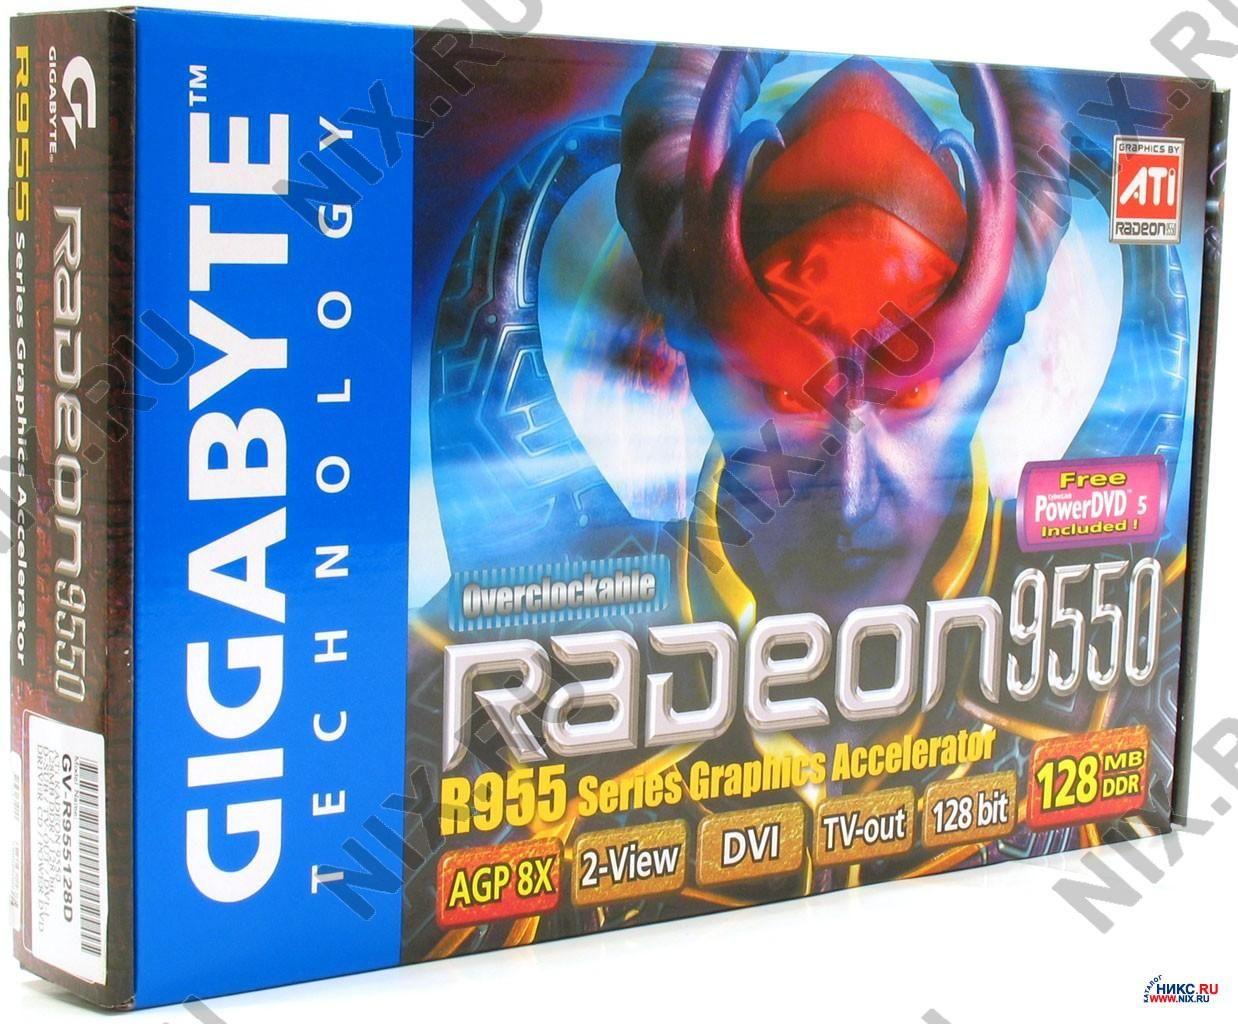 Скачать драйвер для видеокарты Gigabyte Gv R955128d